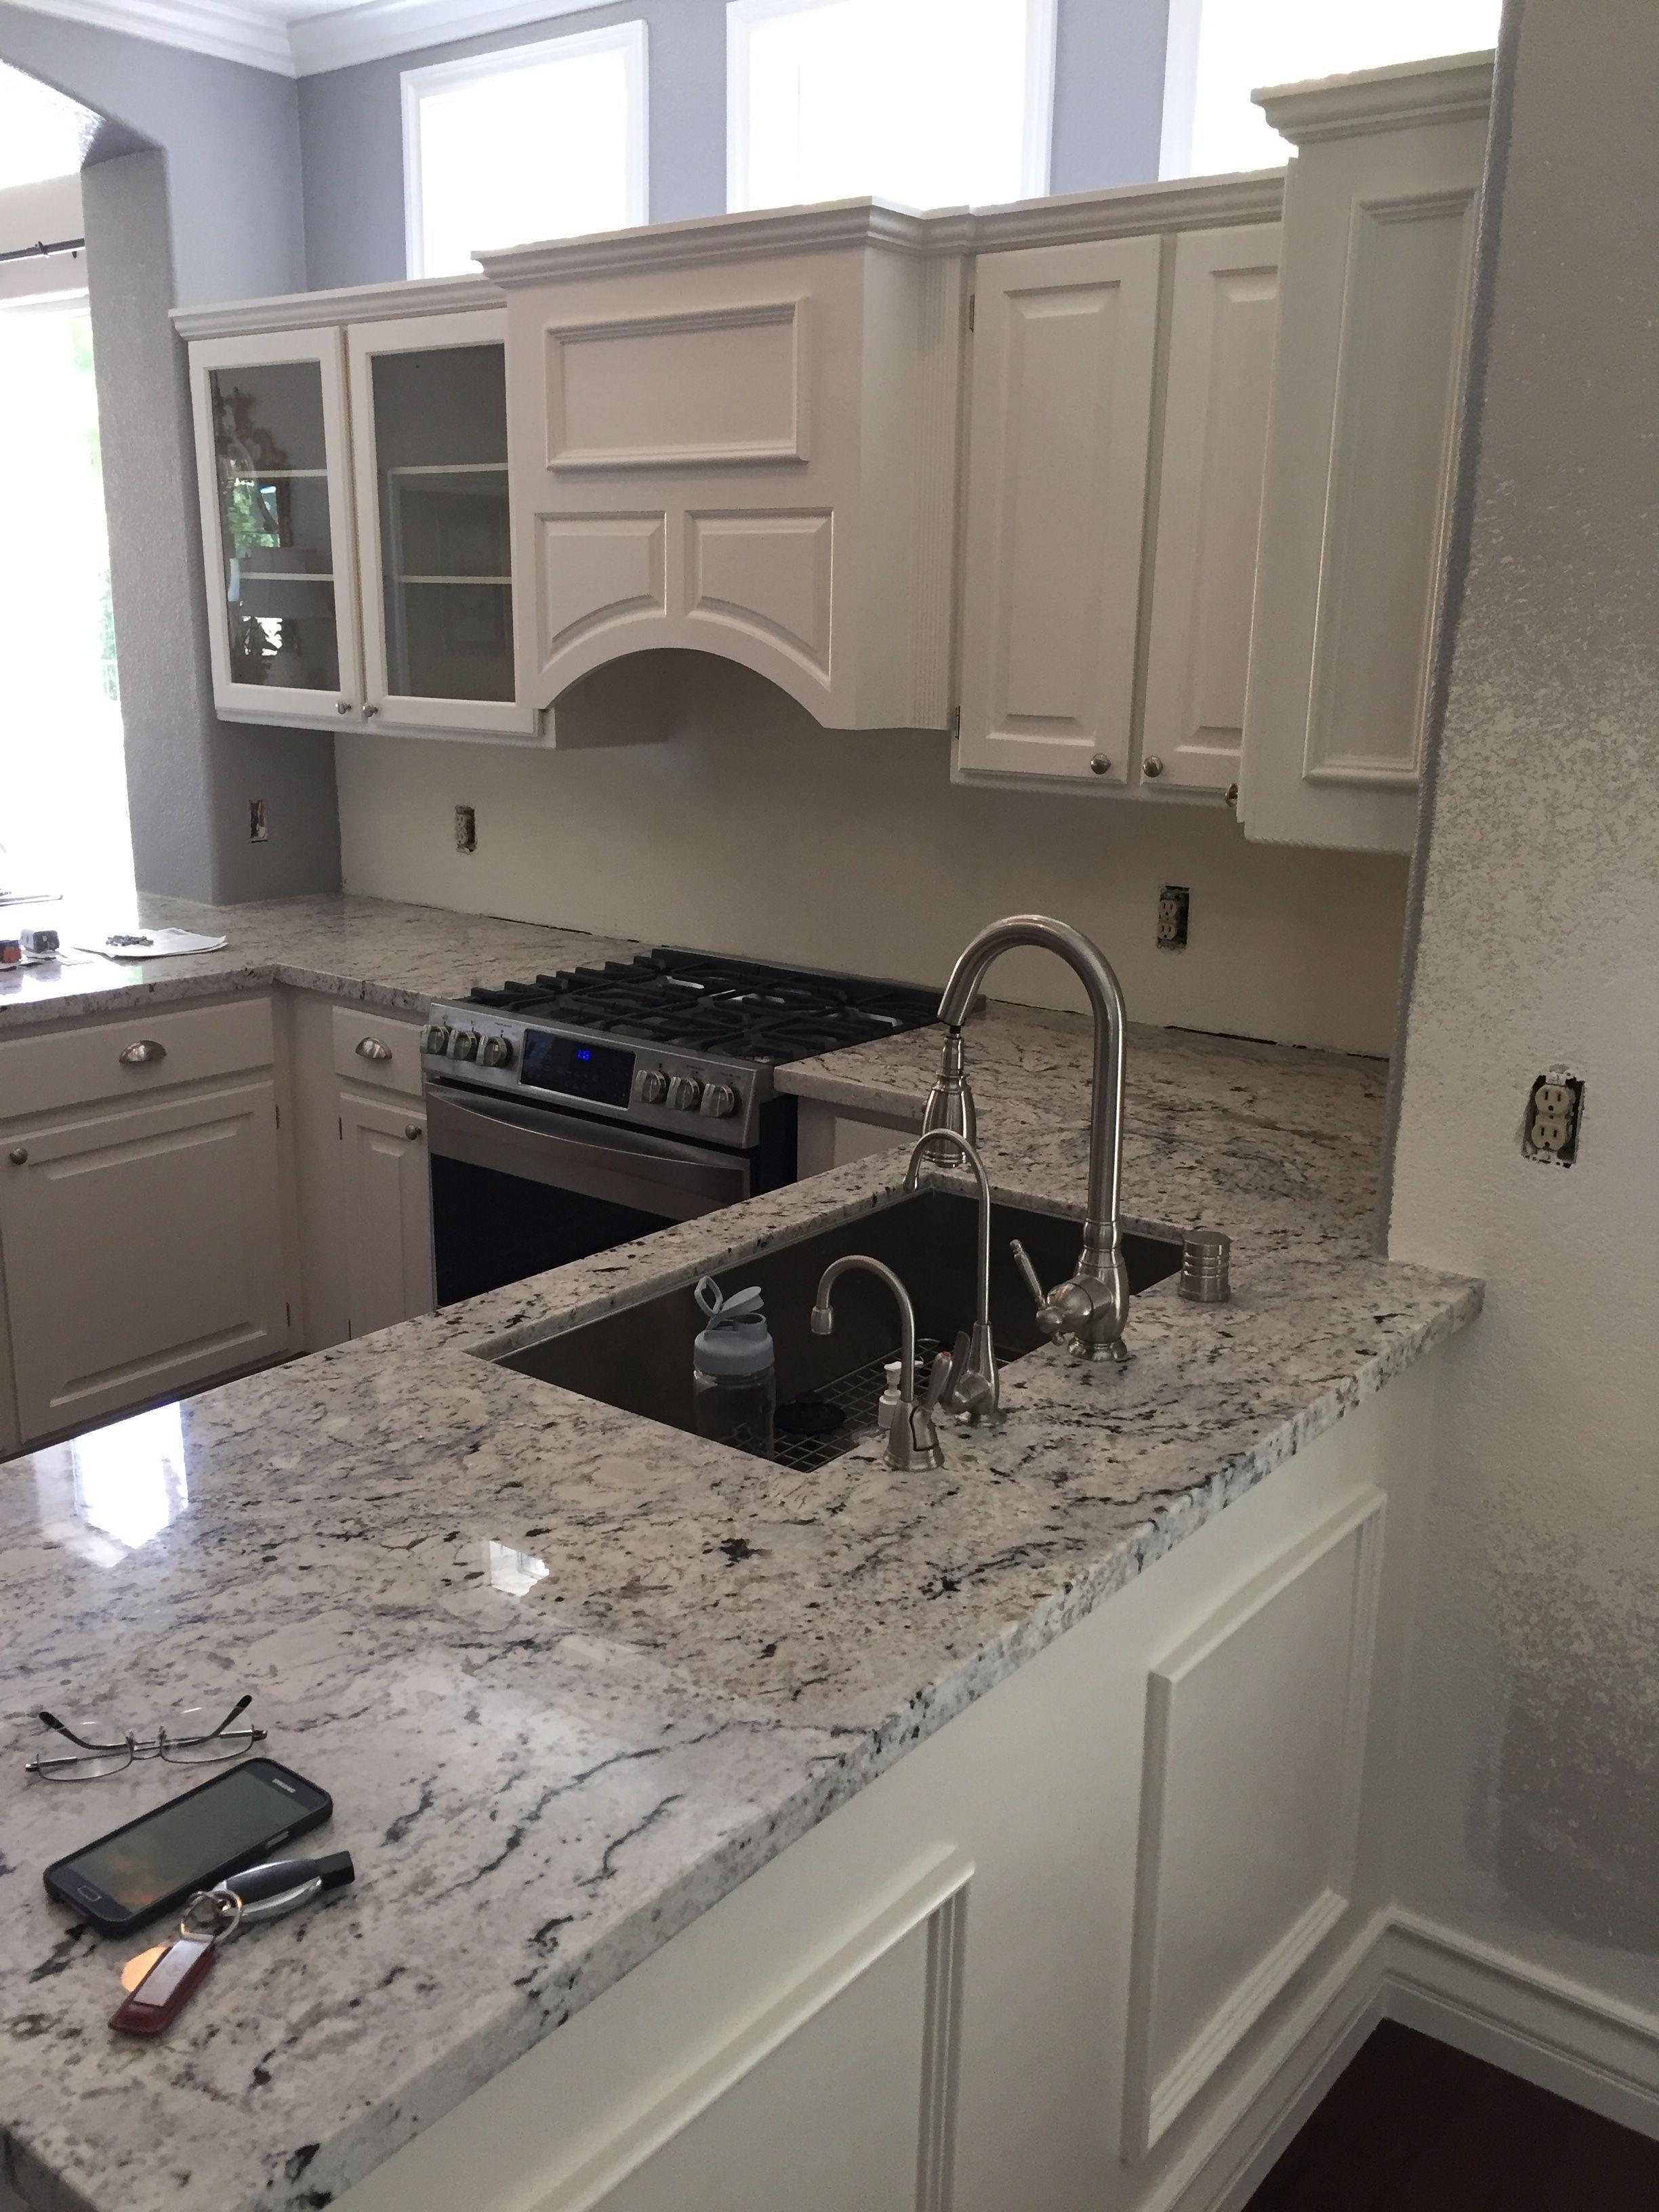 Granite Countertops In Elk Grove Village Il 2020 In 2020 Kitchen Design Countertops Granite Countertops Kitchen